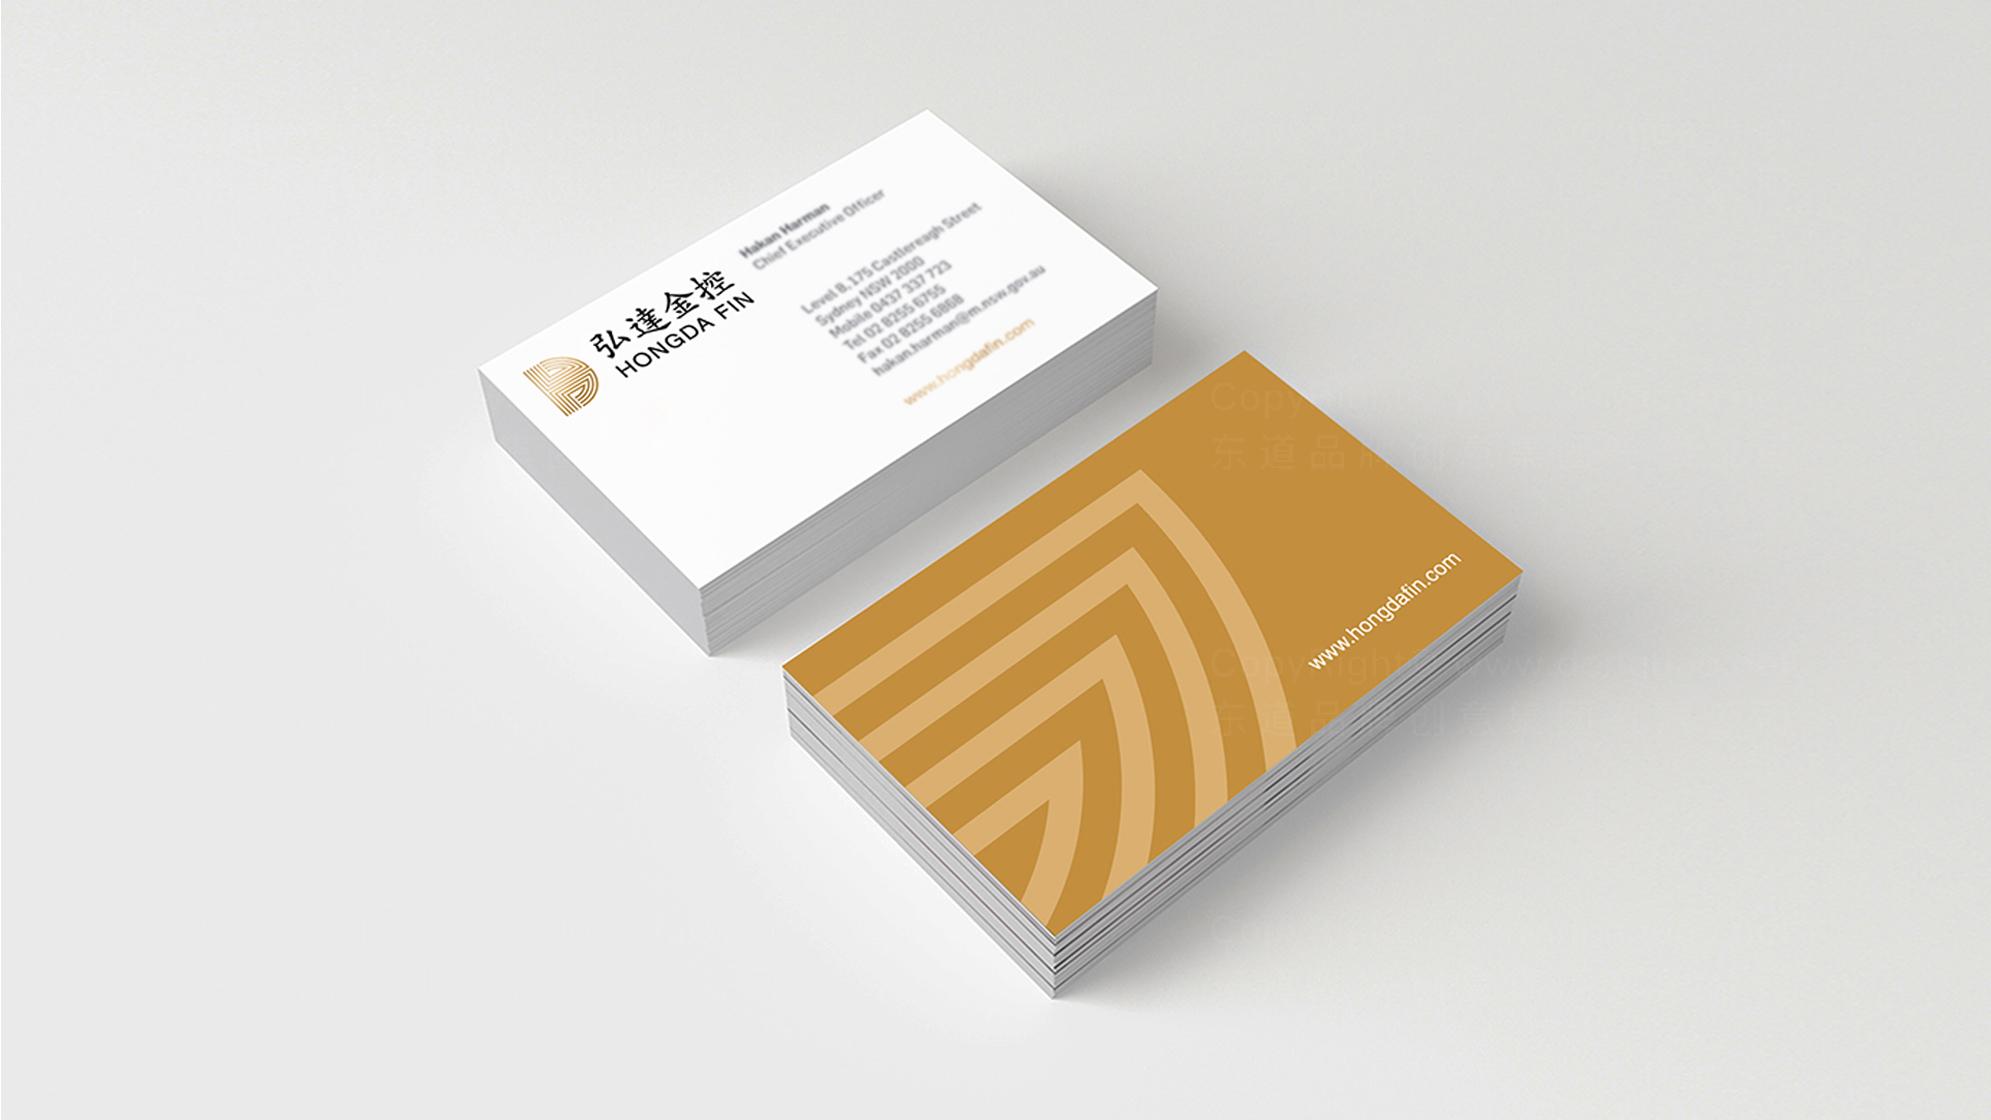 品牌设计弘达金融logo设计、vi设计应用场景_4